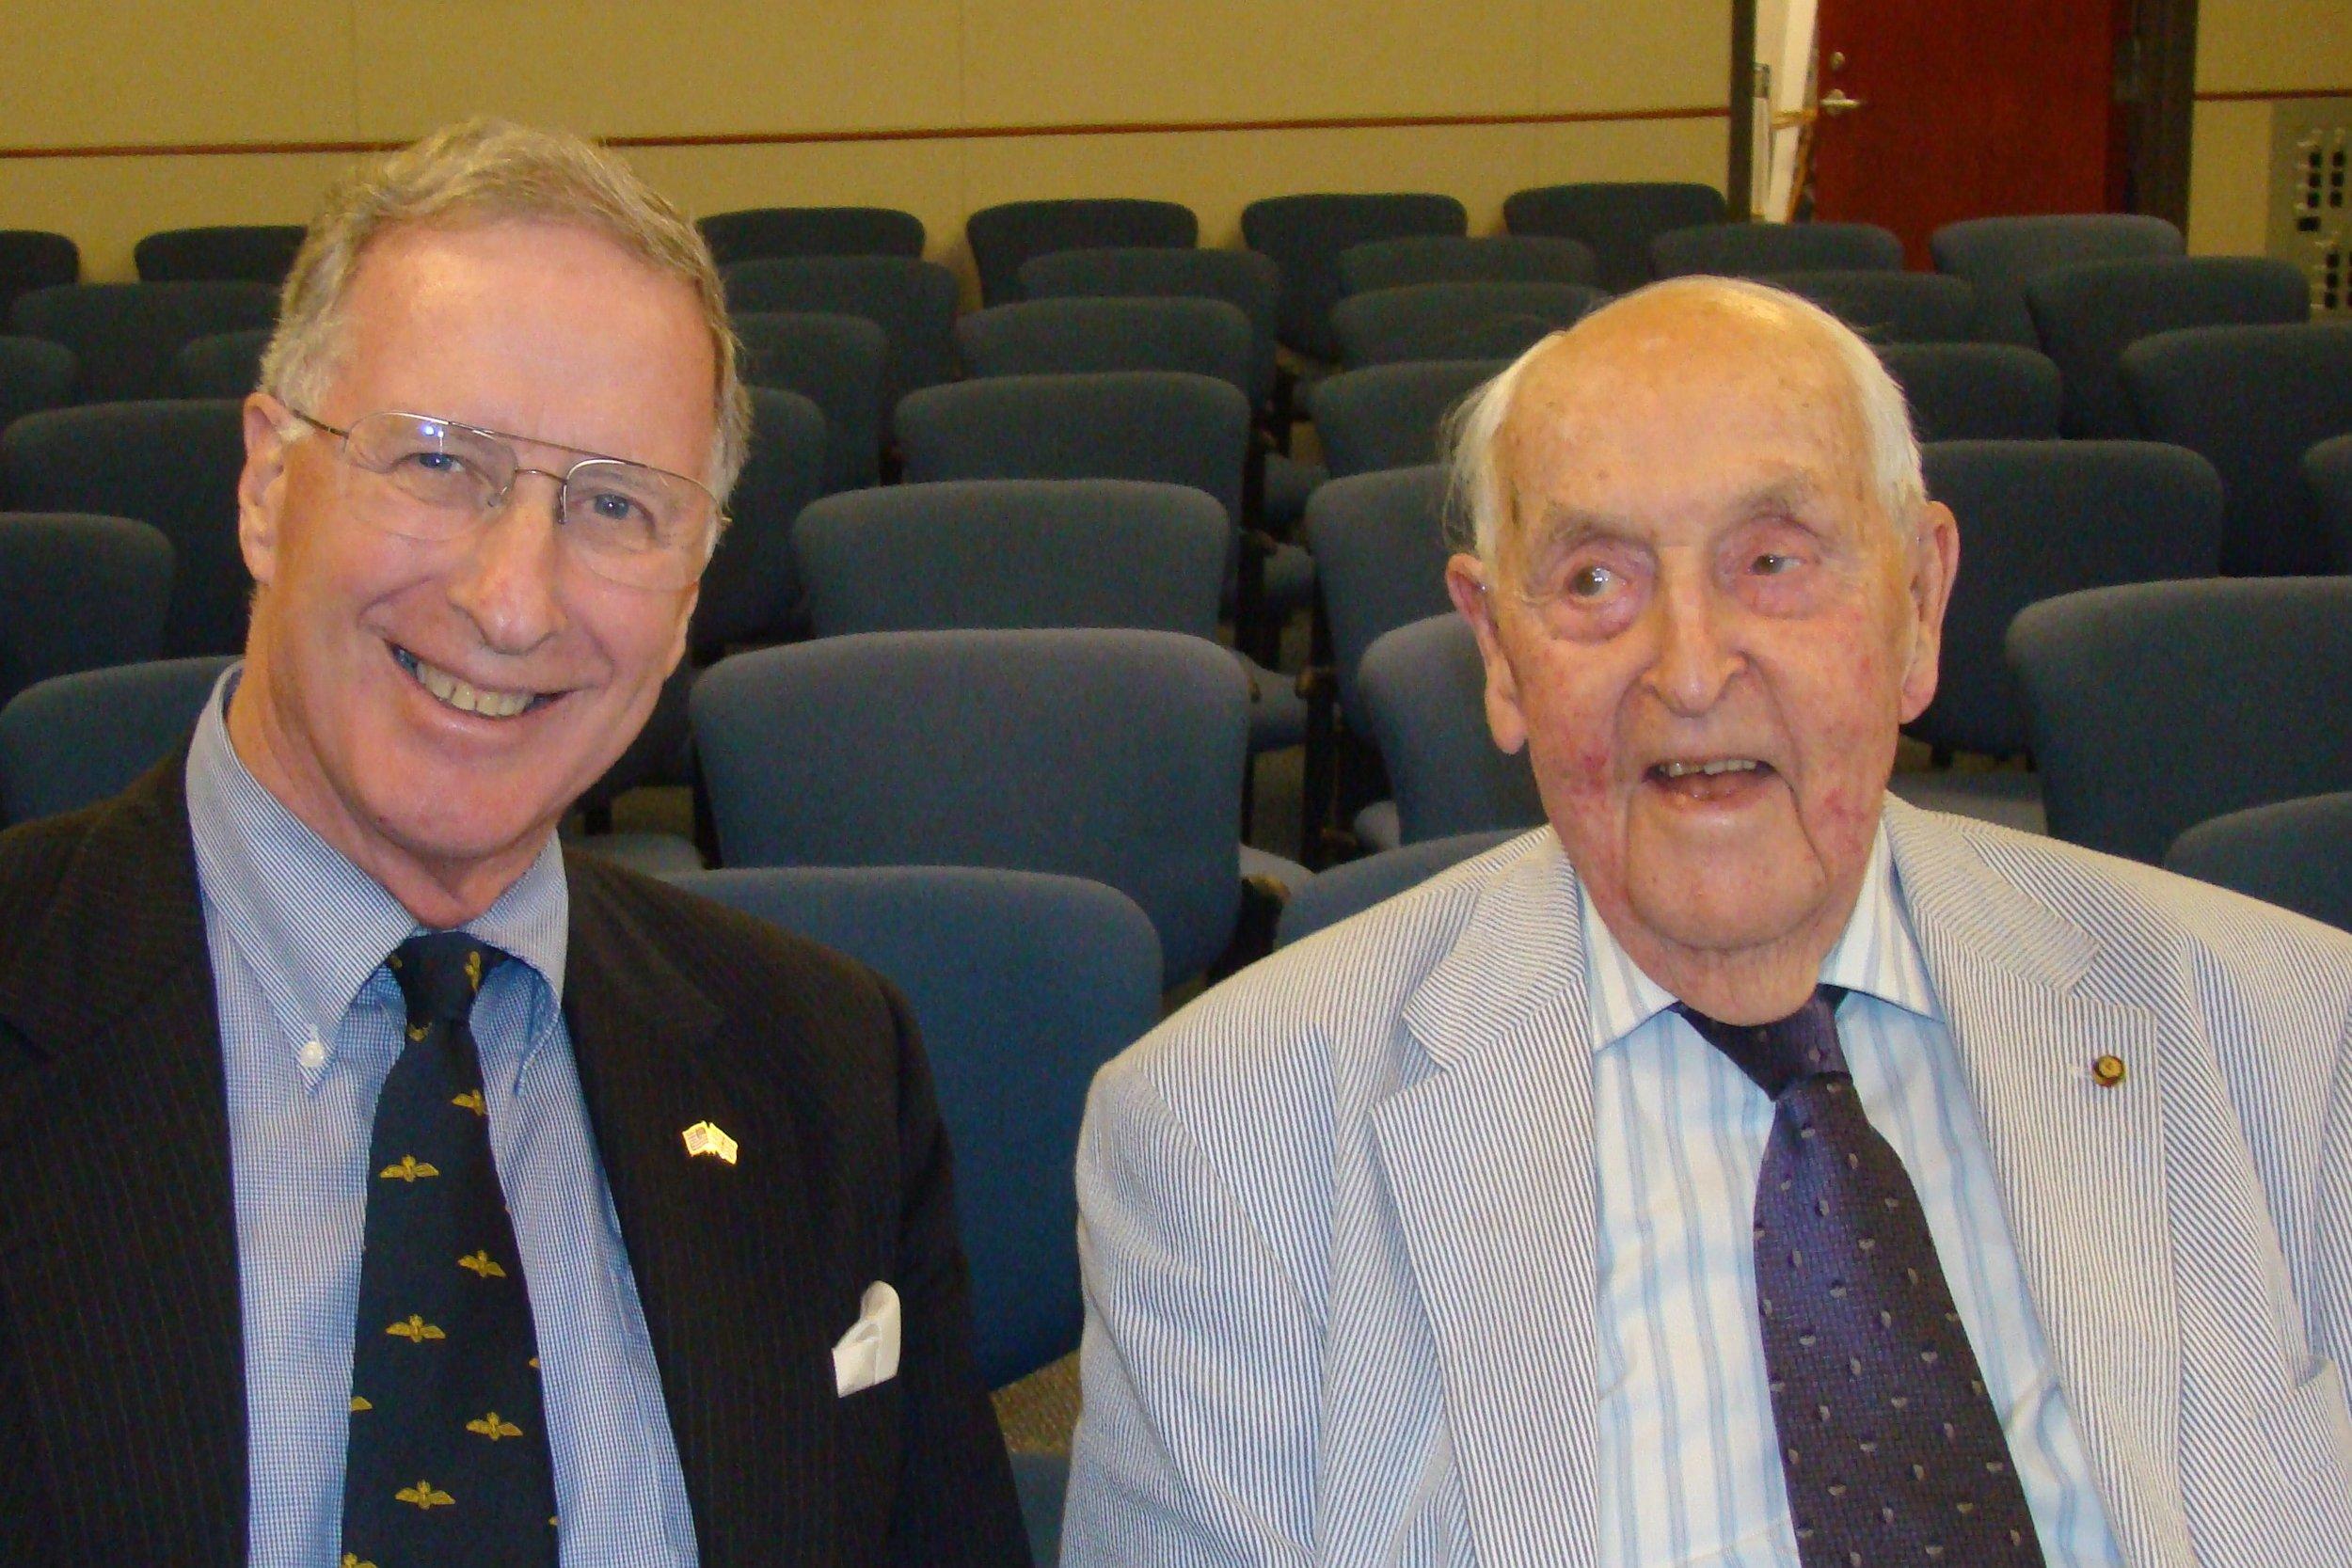 Colin Howgill & Sir Lenox, 27 Oct '11 - Copy (2).JPG